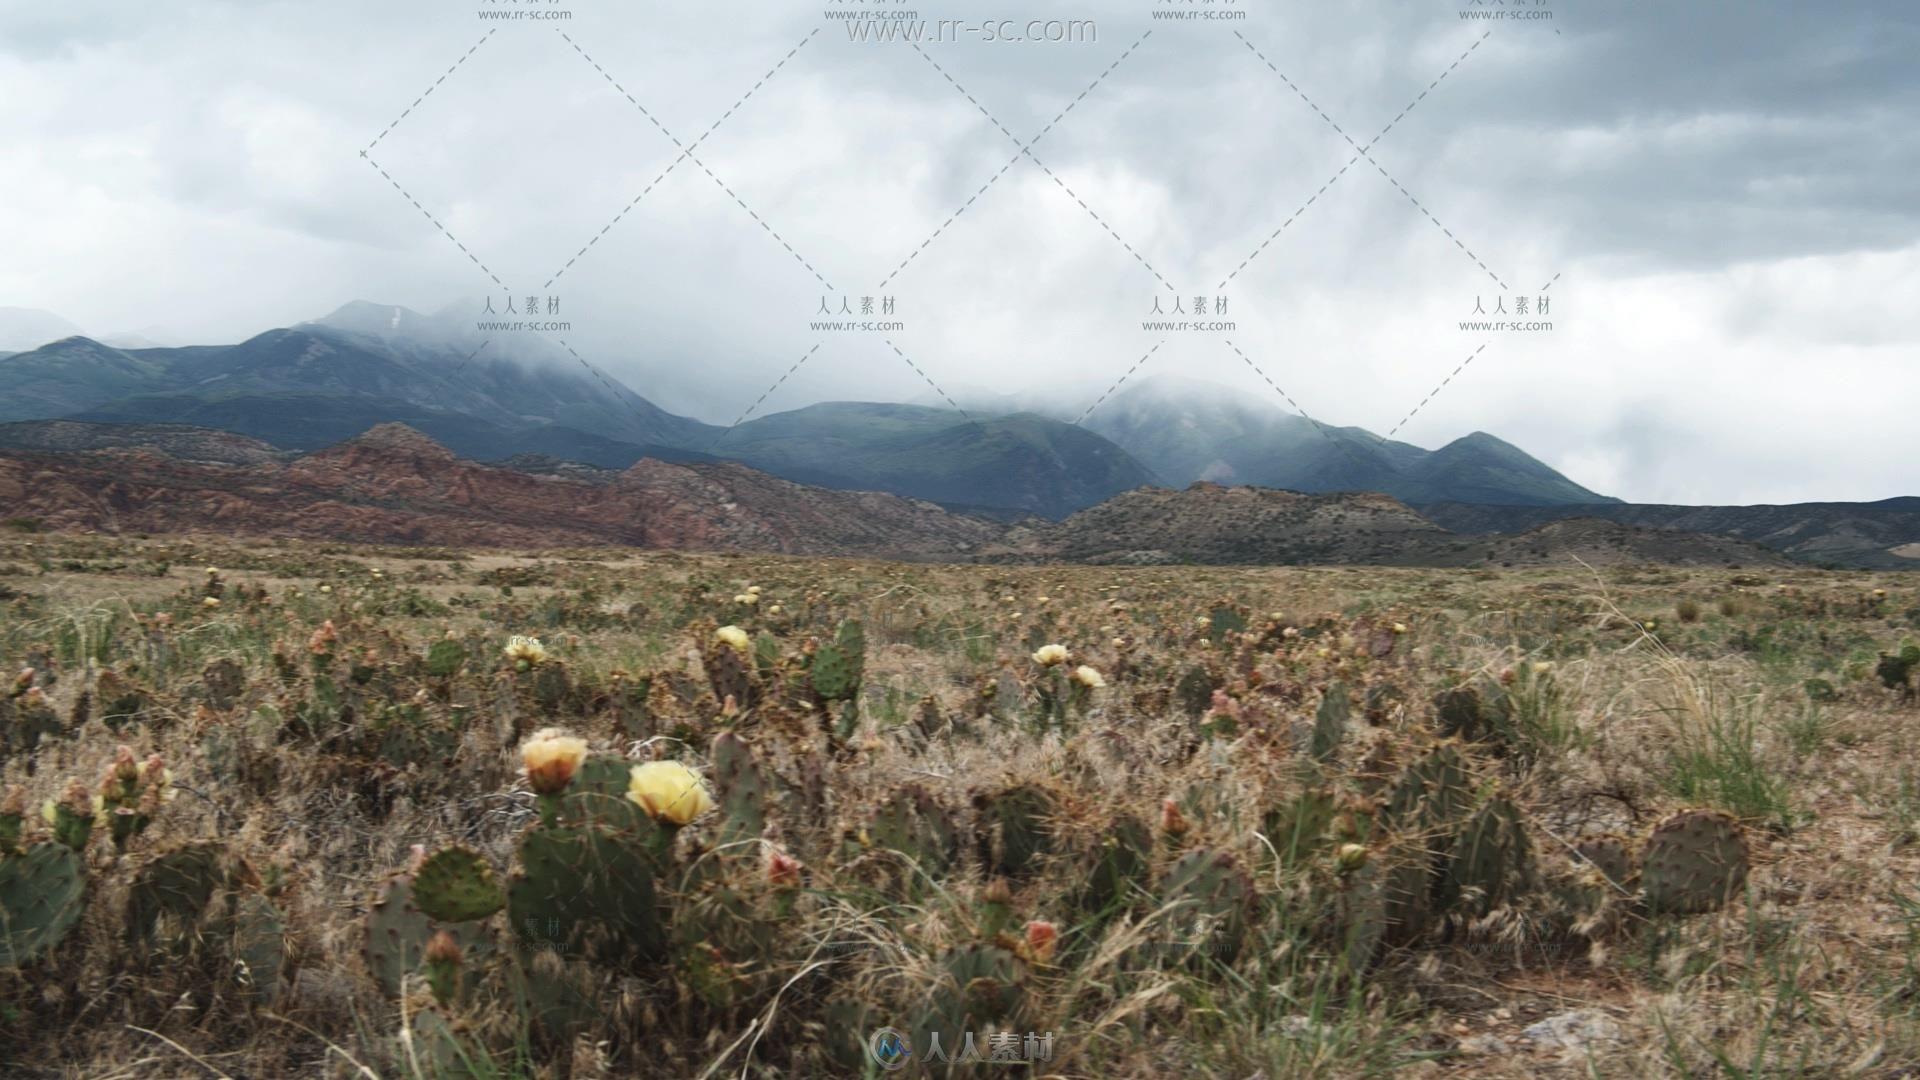 风中的仙人掌自然美景实拍视频素材